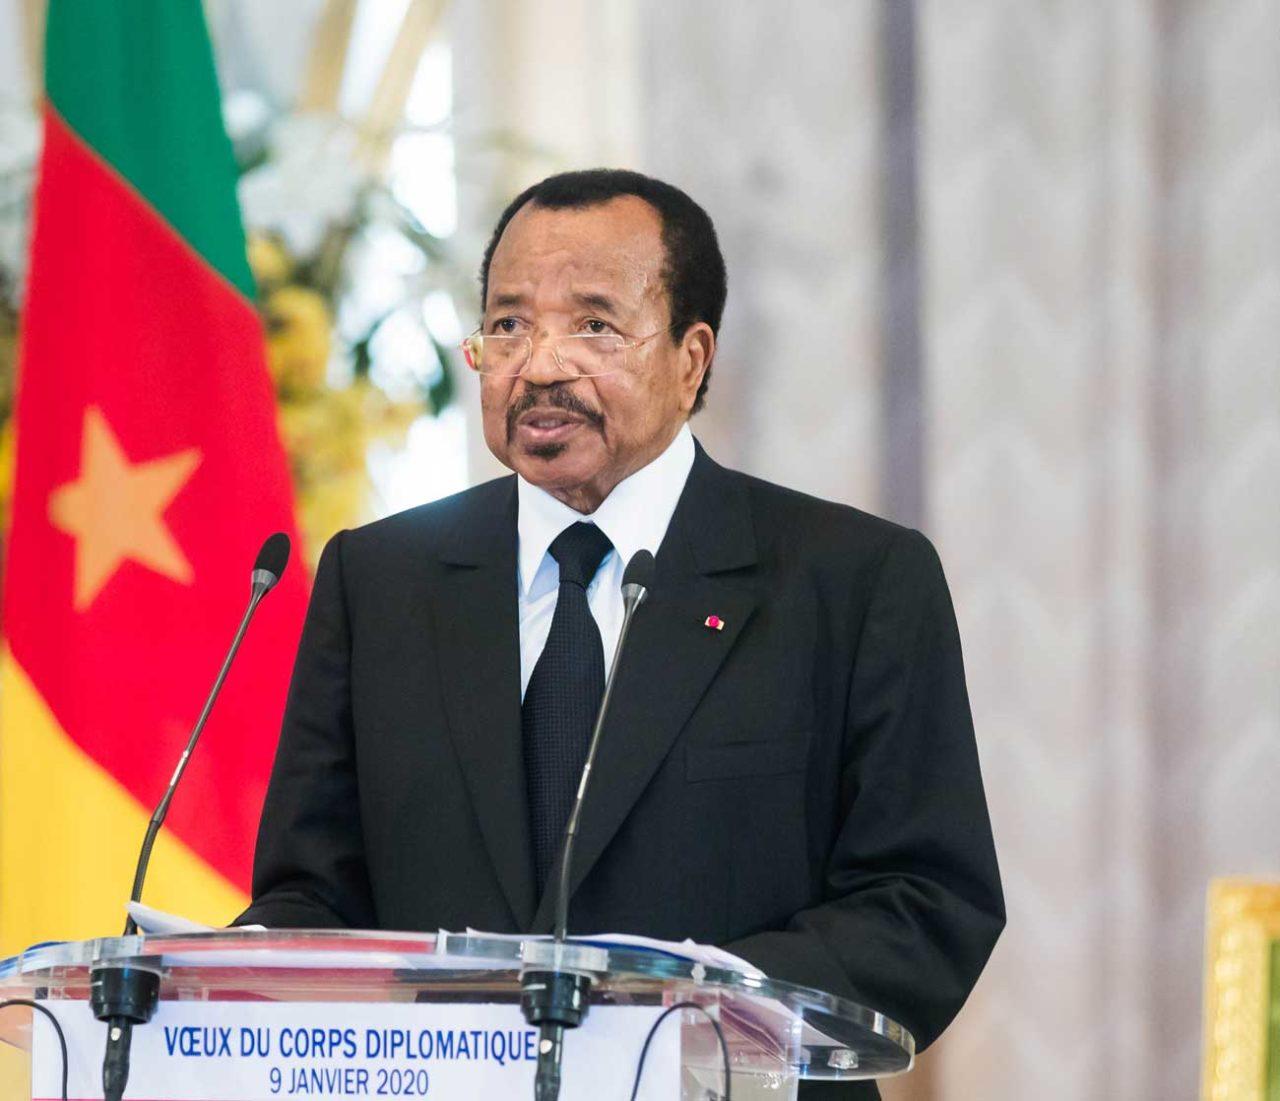 discours-de-paul-biya-vœux-de-nouvel-an-des-membres-du-Corps-diplomatique-1280x1101.jpg